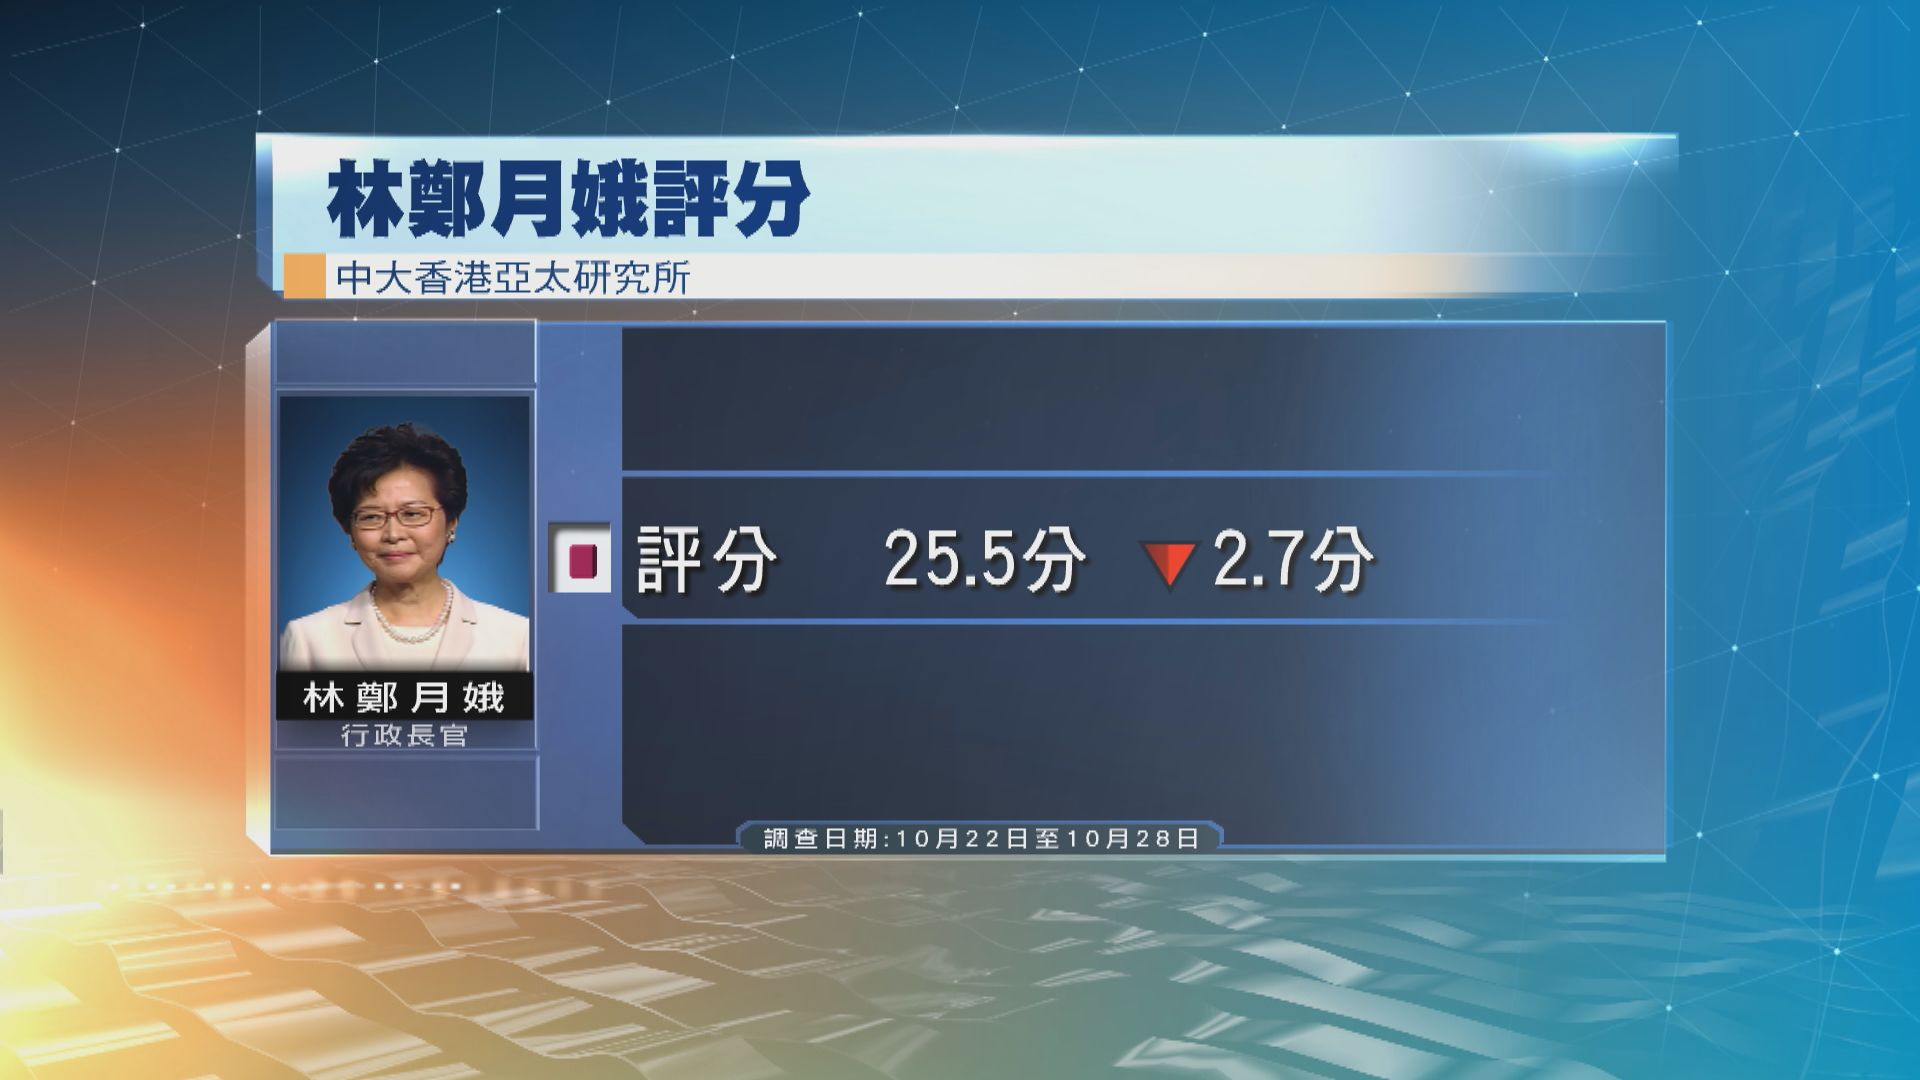 中大民調:林鄭月娥評分跌至25.5分